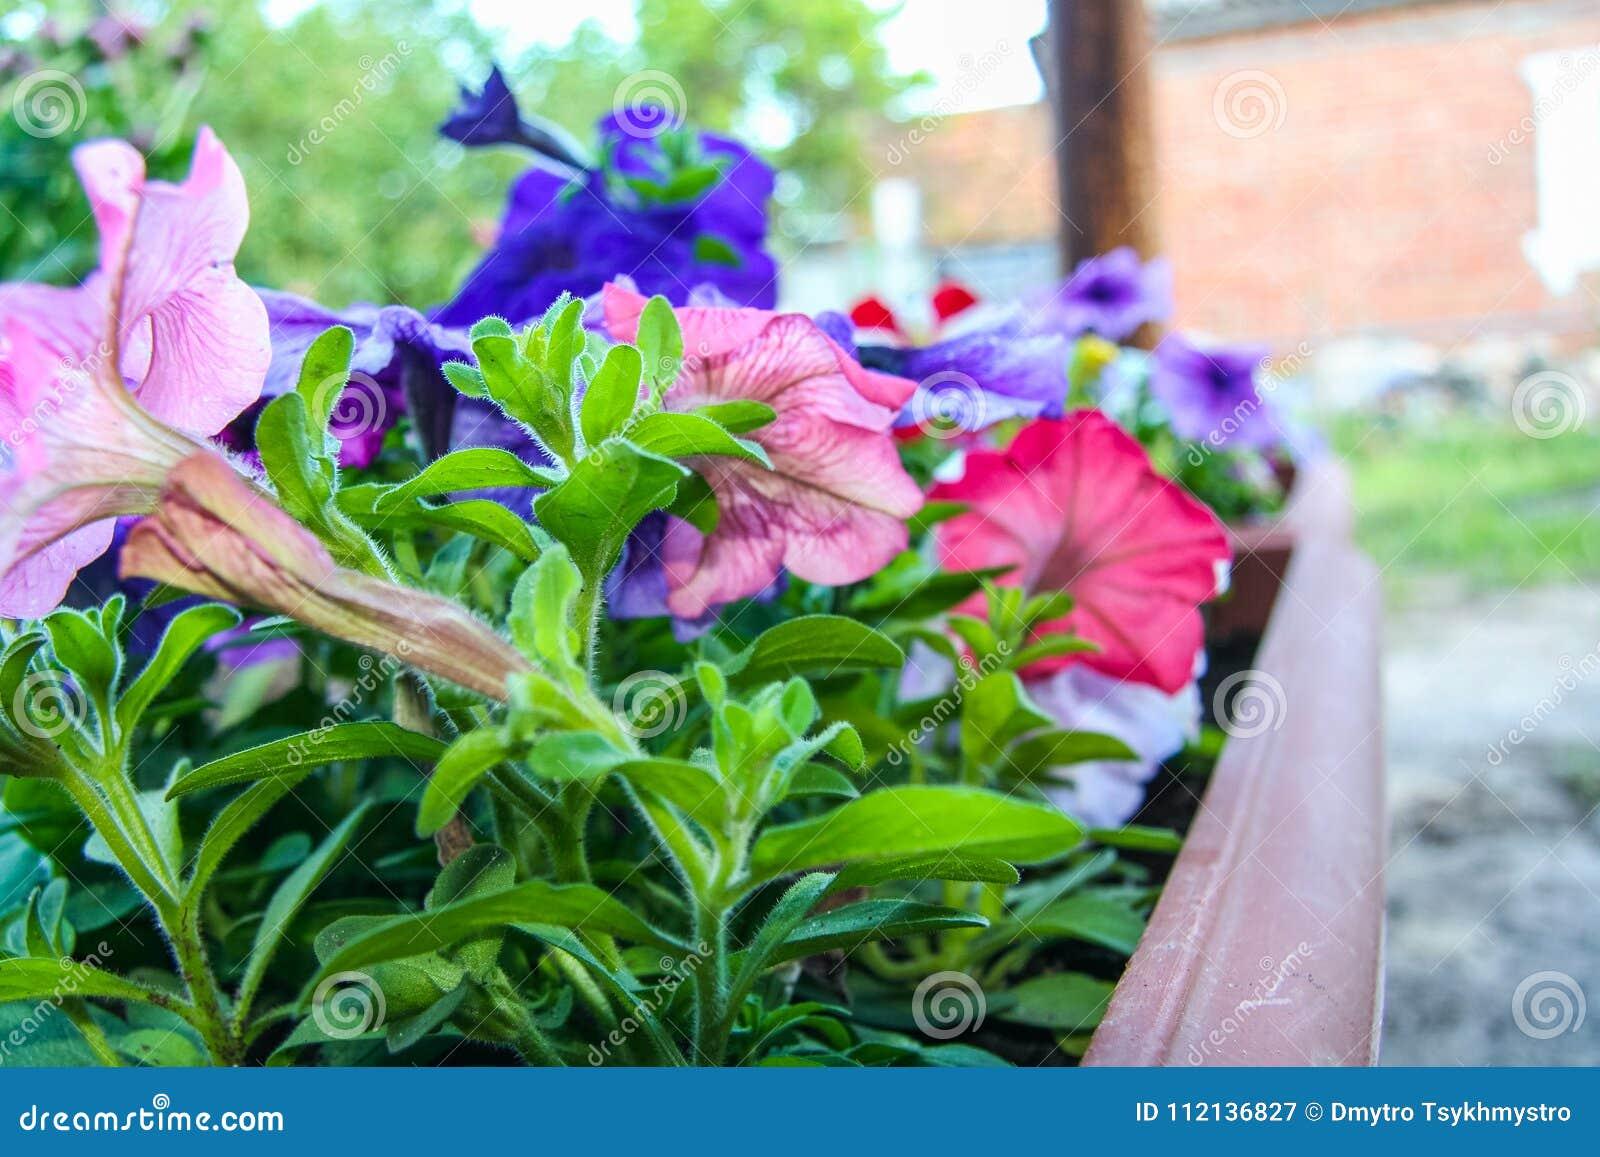 Exquisit Blumen Mai Dekoration Von Pattern Garten Der Im Frühjahr Im Stockbild